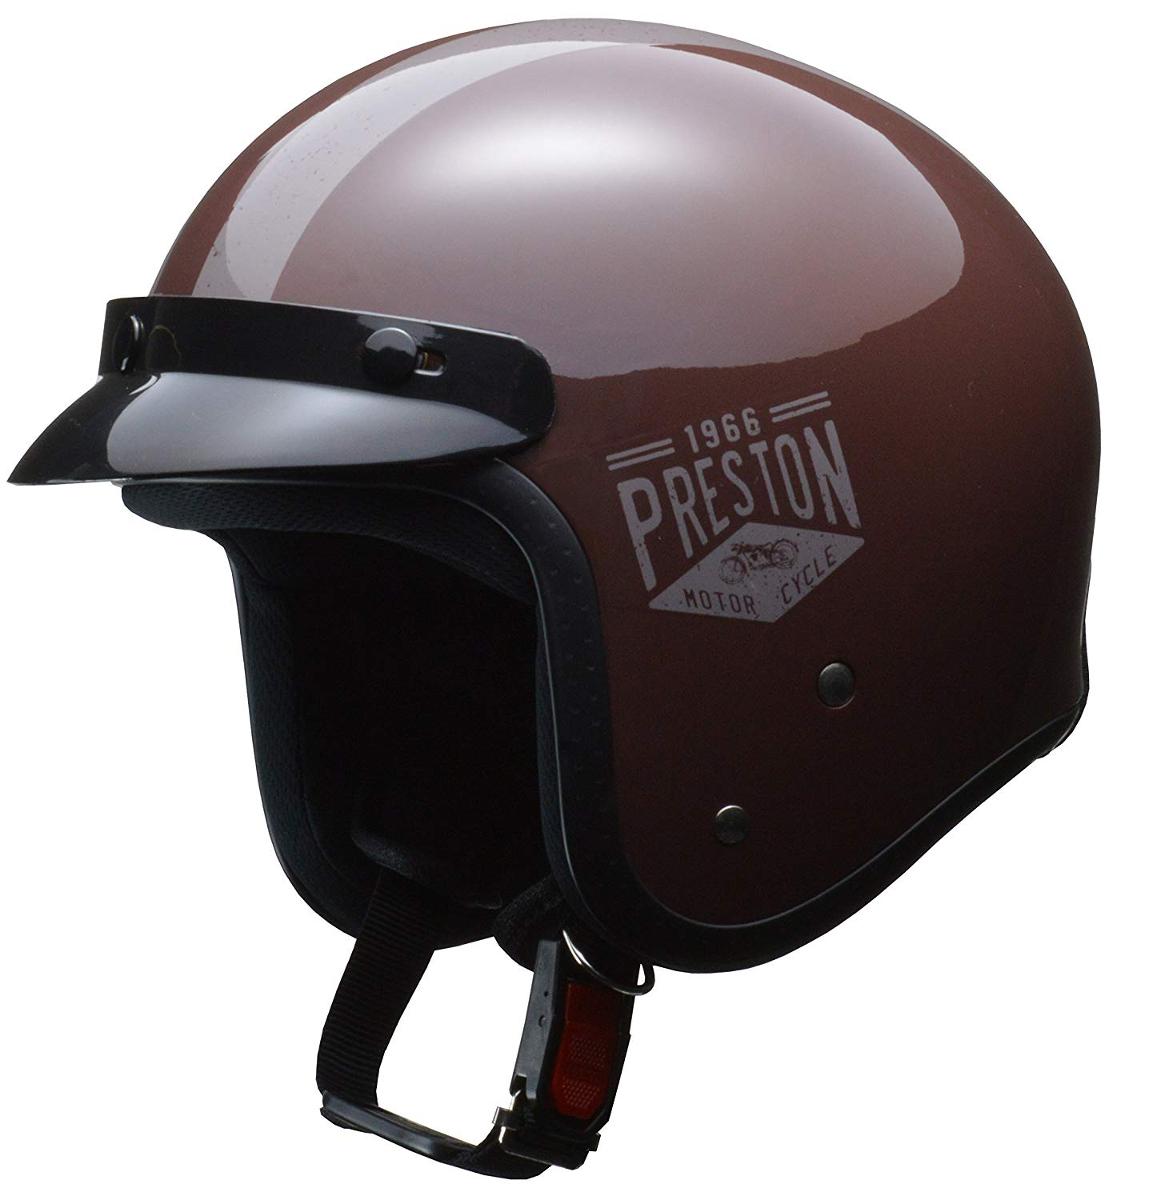 リード工業 ジェットヘルメット PRESTON (プレストン) ブラウン フリーサイズ (57-60cm未満)